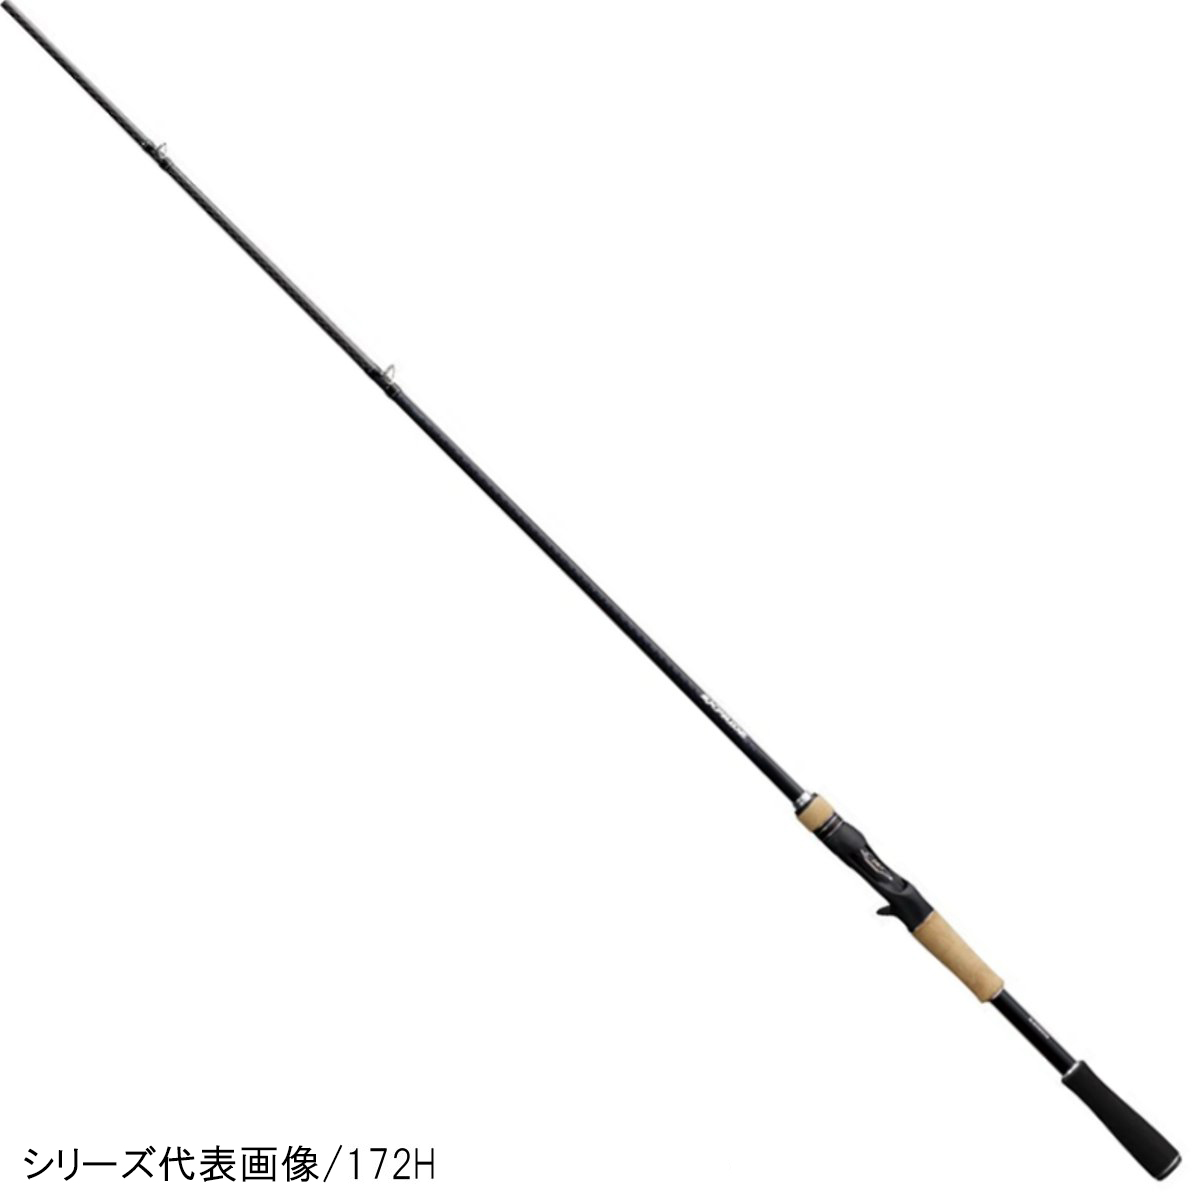 シマノ エクスプライド 166M-2(東日本店)